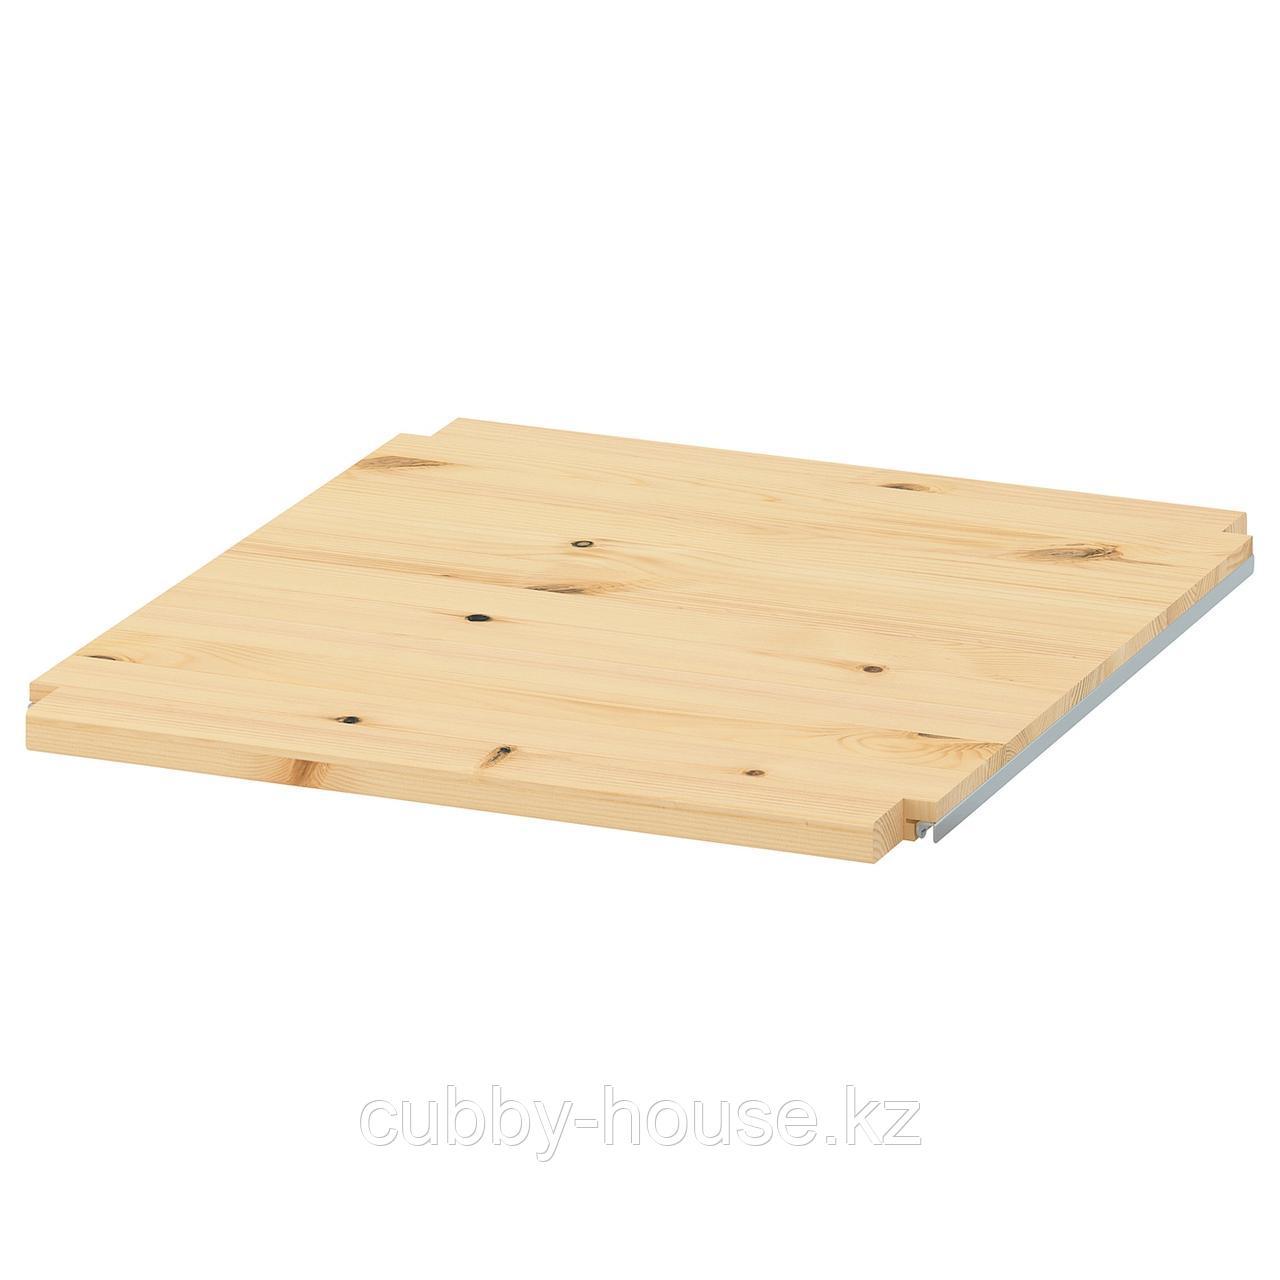 ИВАР Полка, сосна, 42x50 см